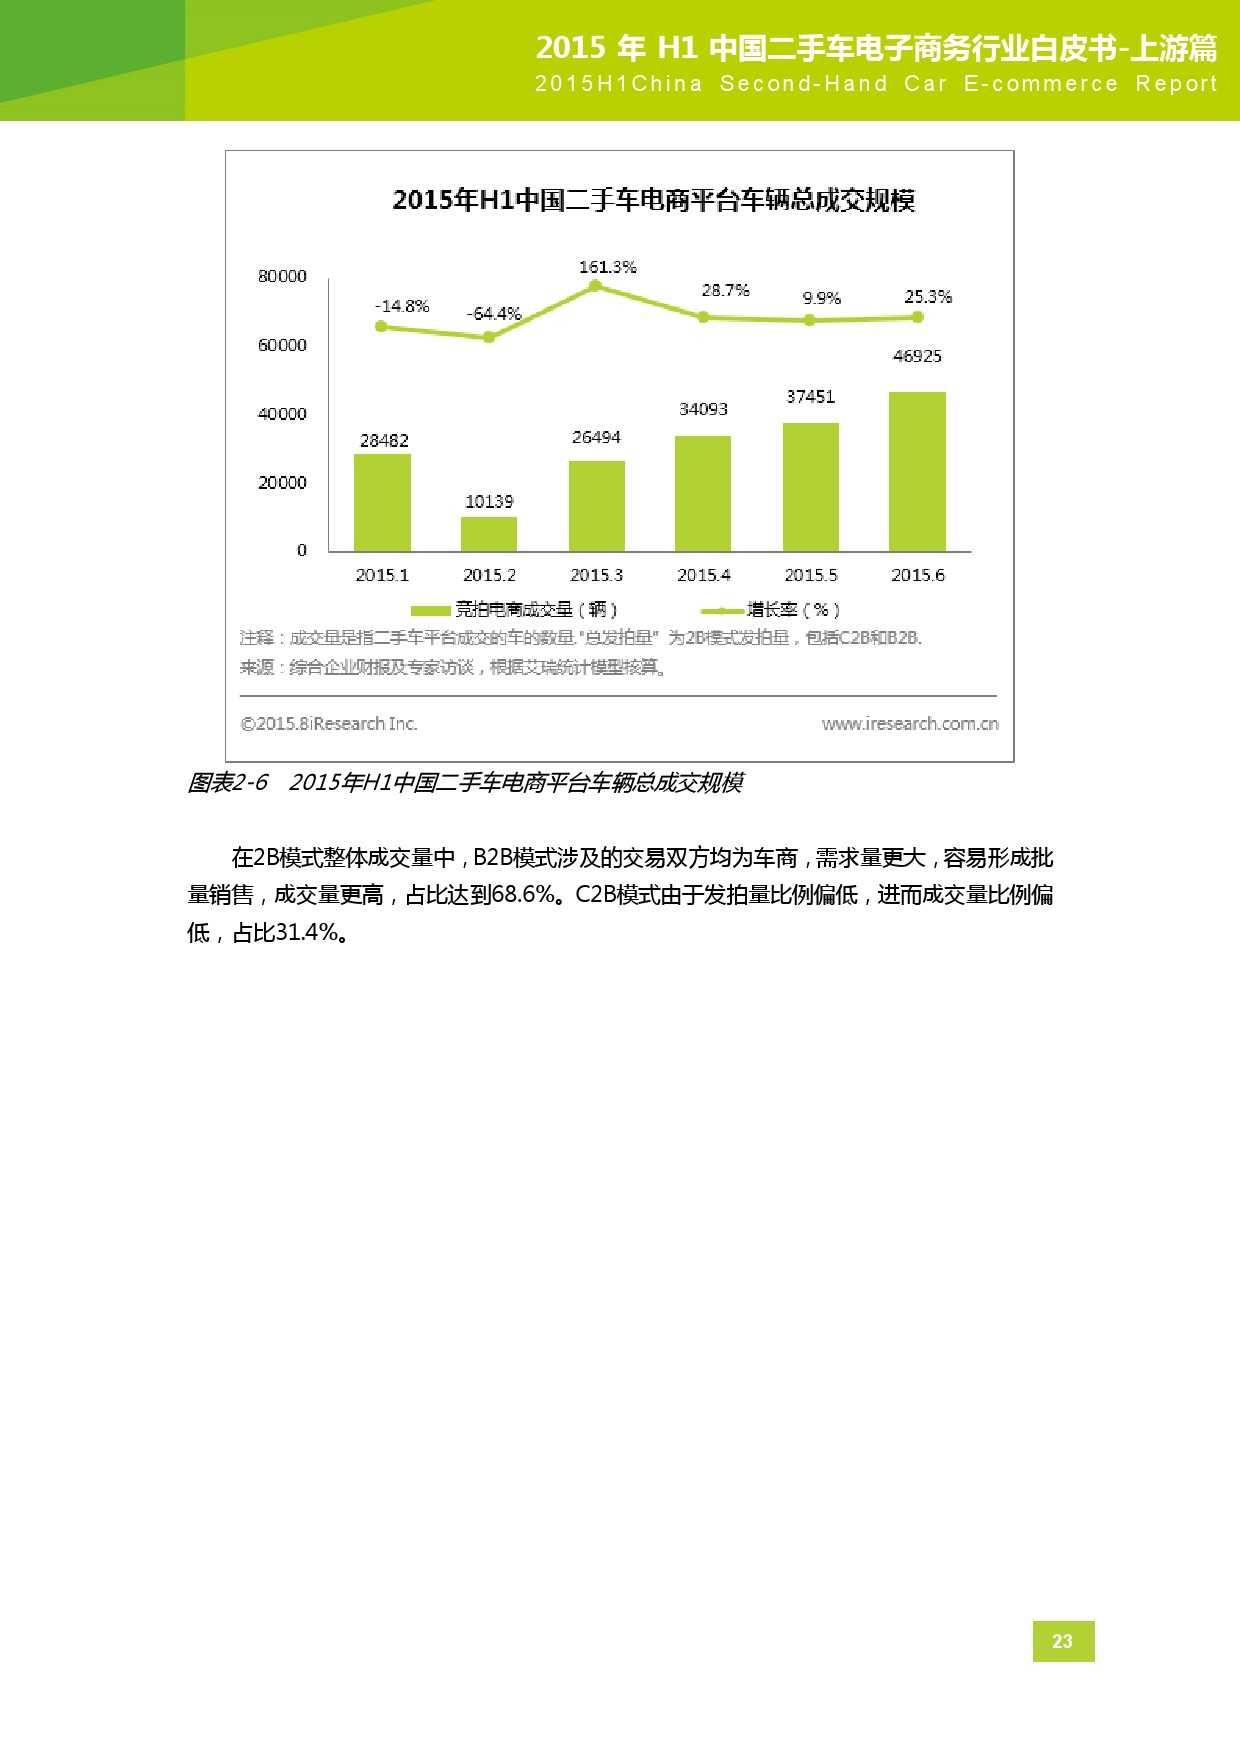 2015年中国二手车电子商务行业白皮书-上游篇_000024